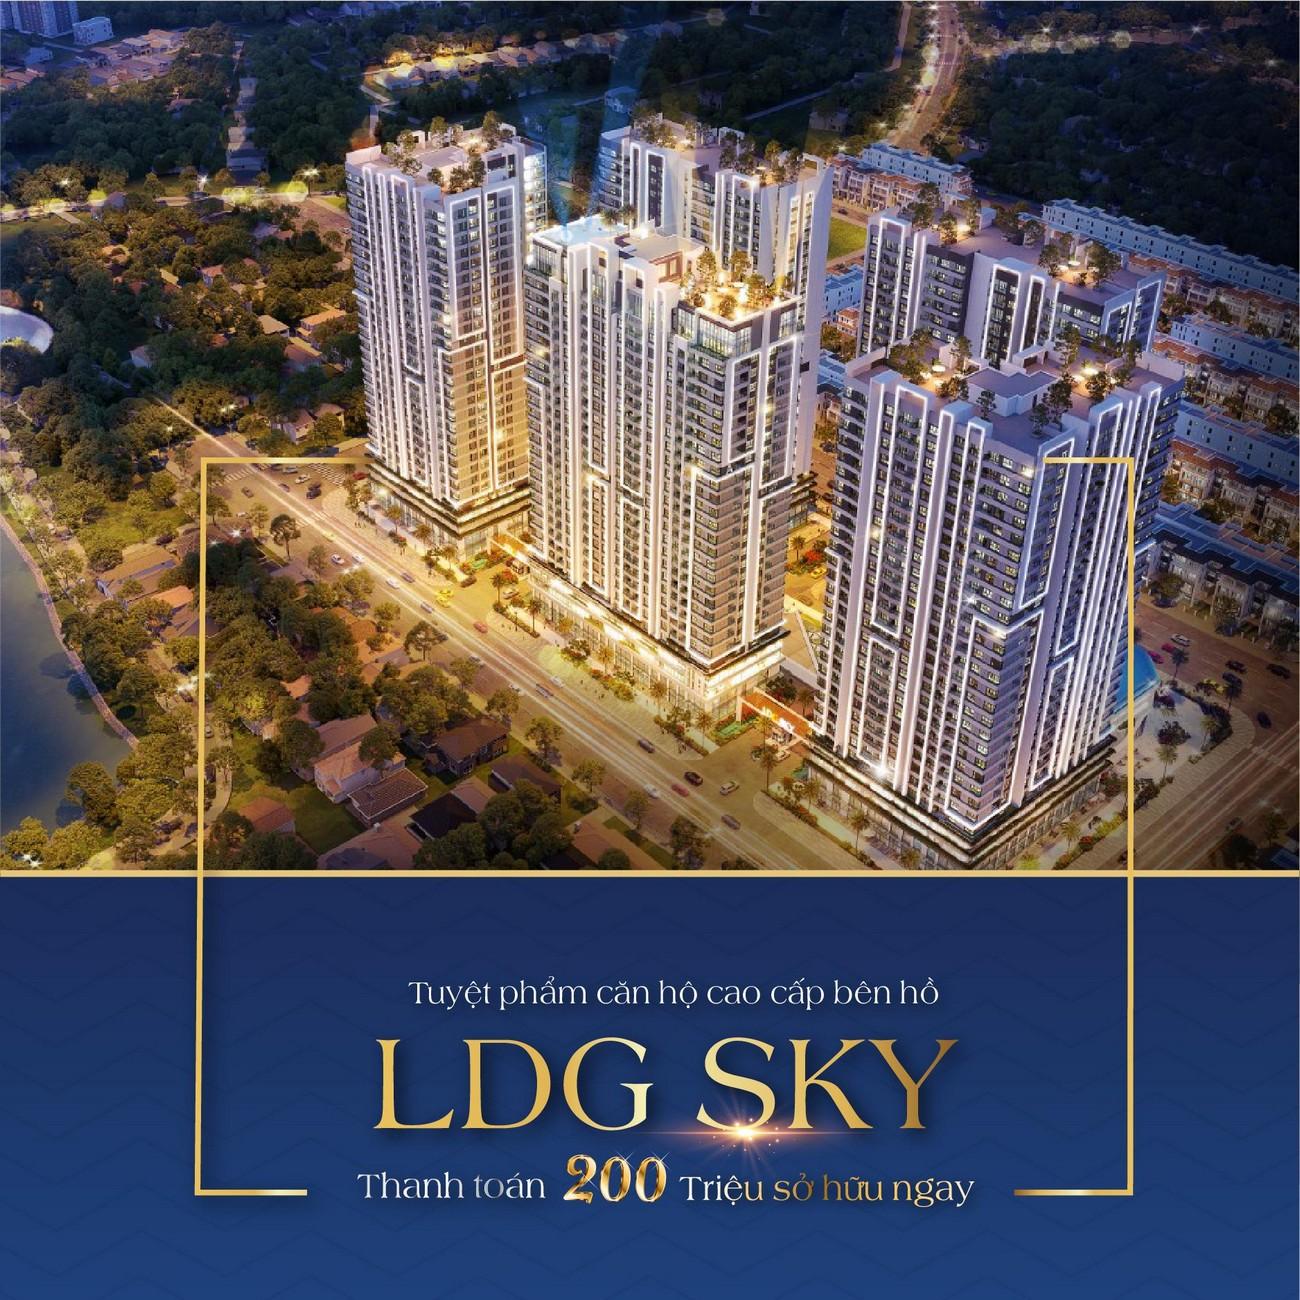 Cơ hội mua nhà dự án căn hộ chung cư LDG Sky TP Dĩ An Tỉnh Bình Dương thật dễ dàng